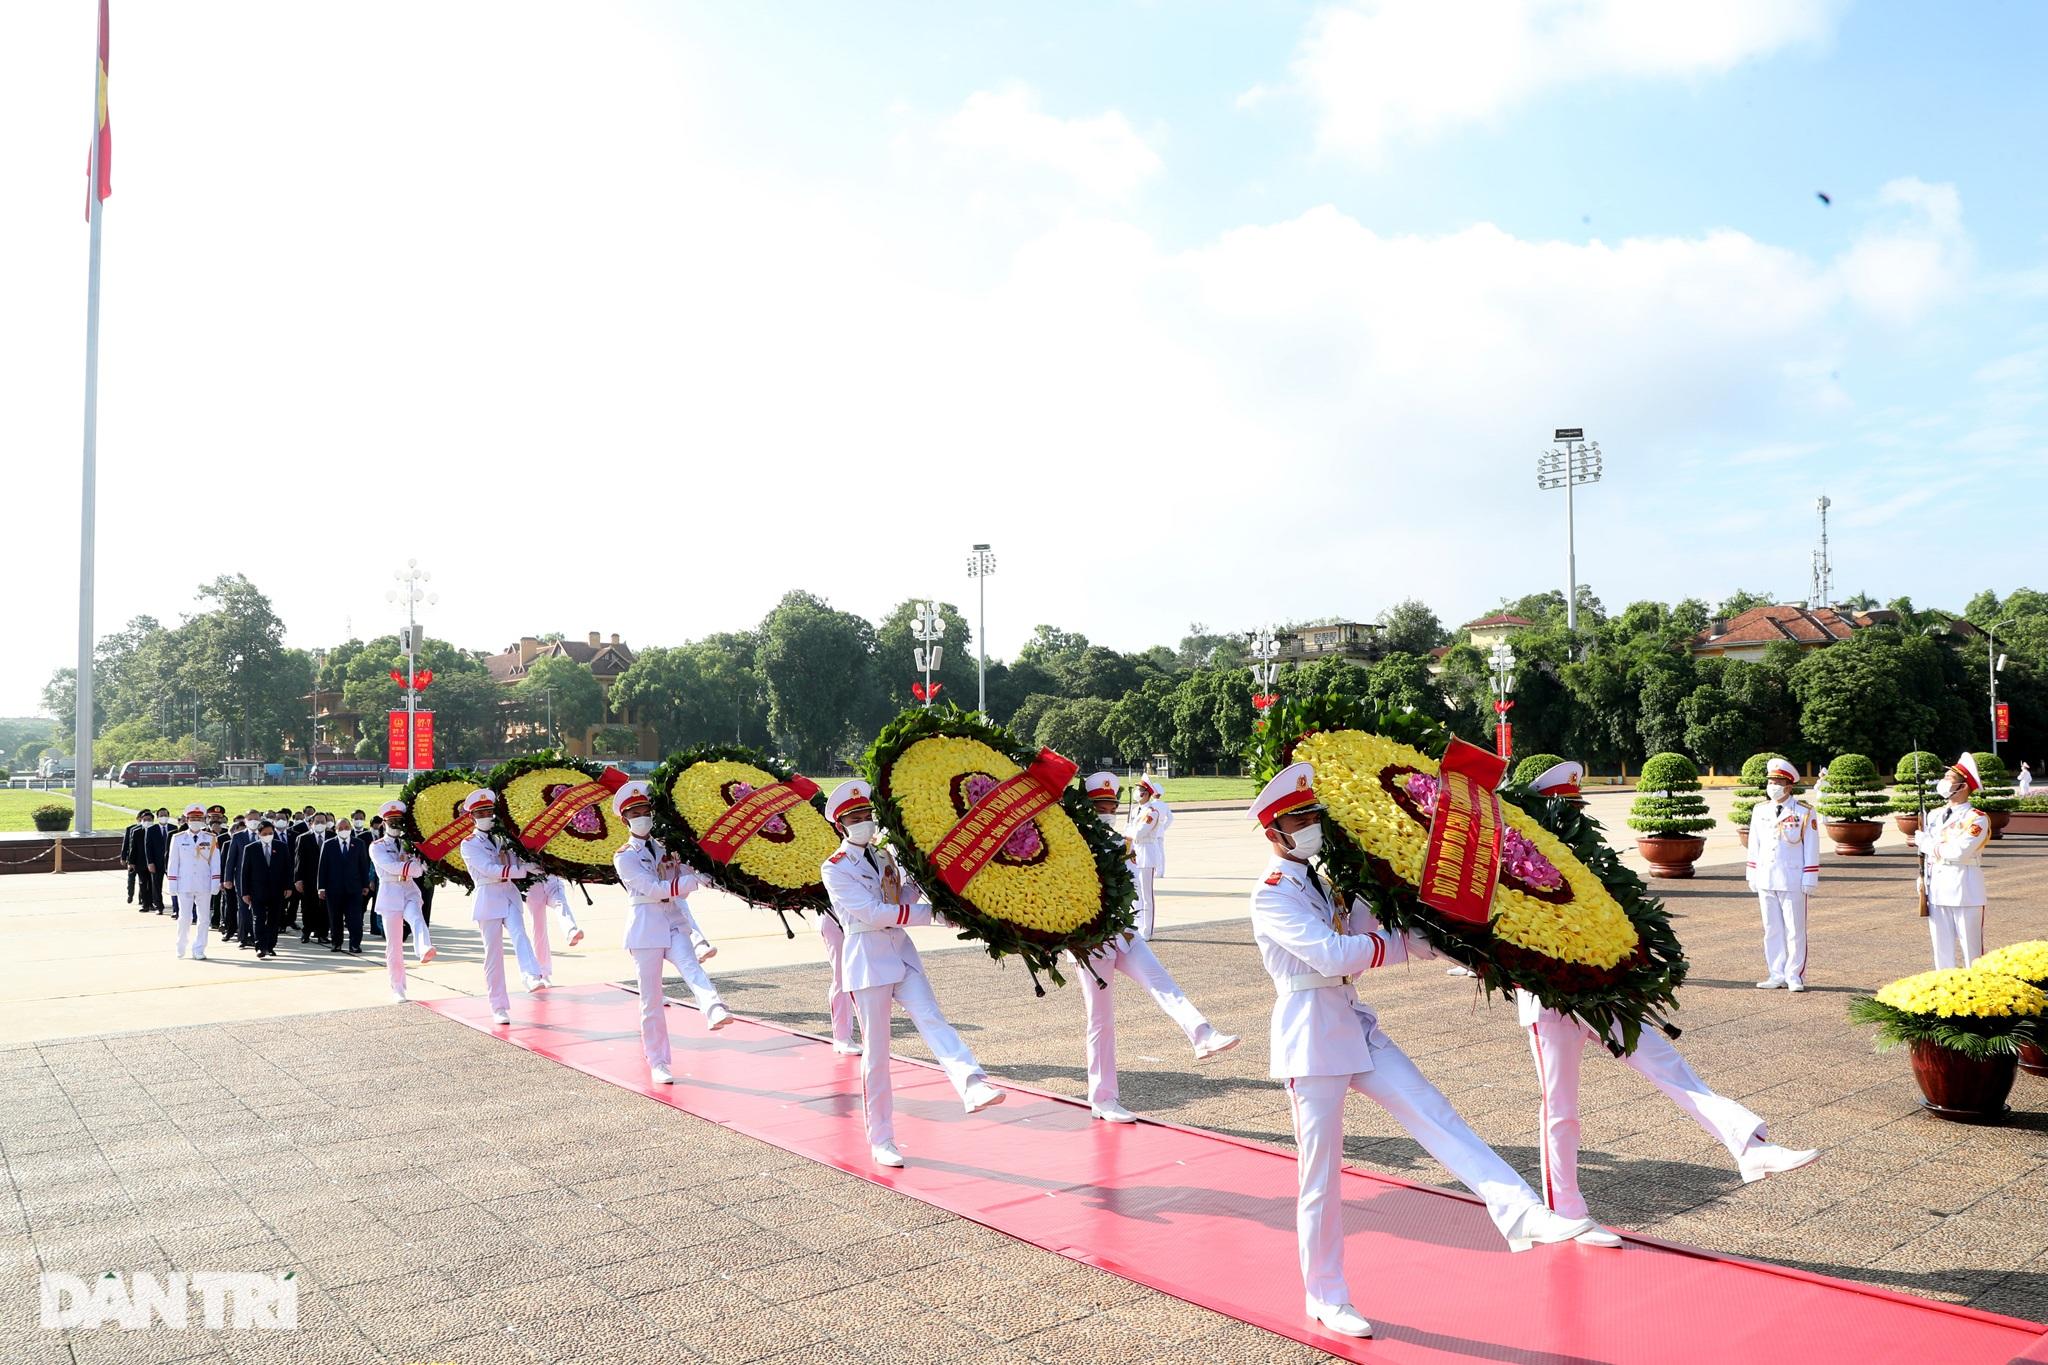 Lãnh đạo Đảng, Nhà nước đặt vòng hoa, tưởng niệm các Anh hùng liệt sĩ - 8